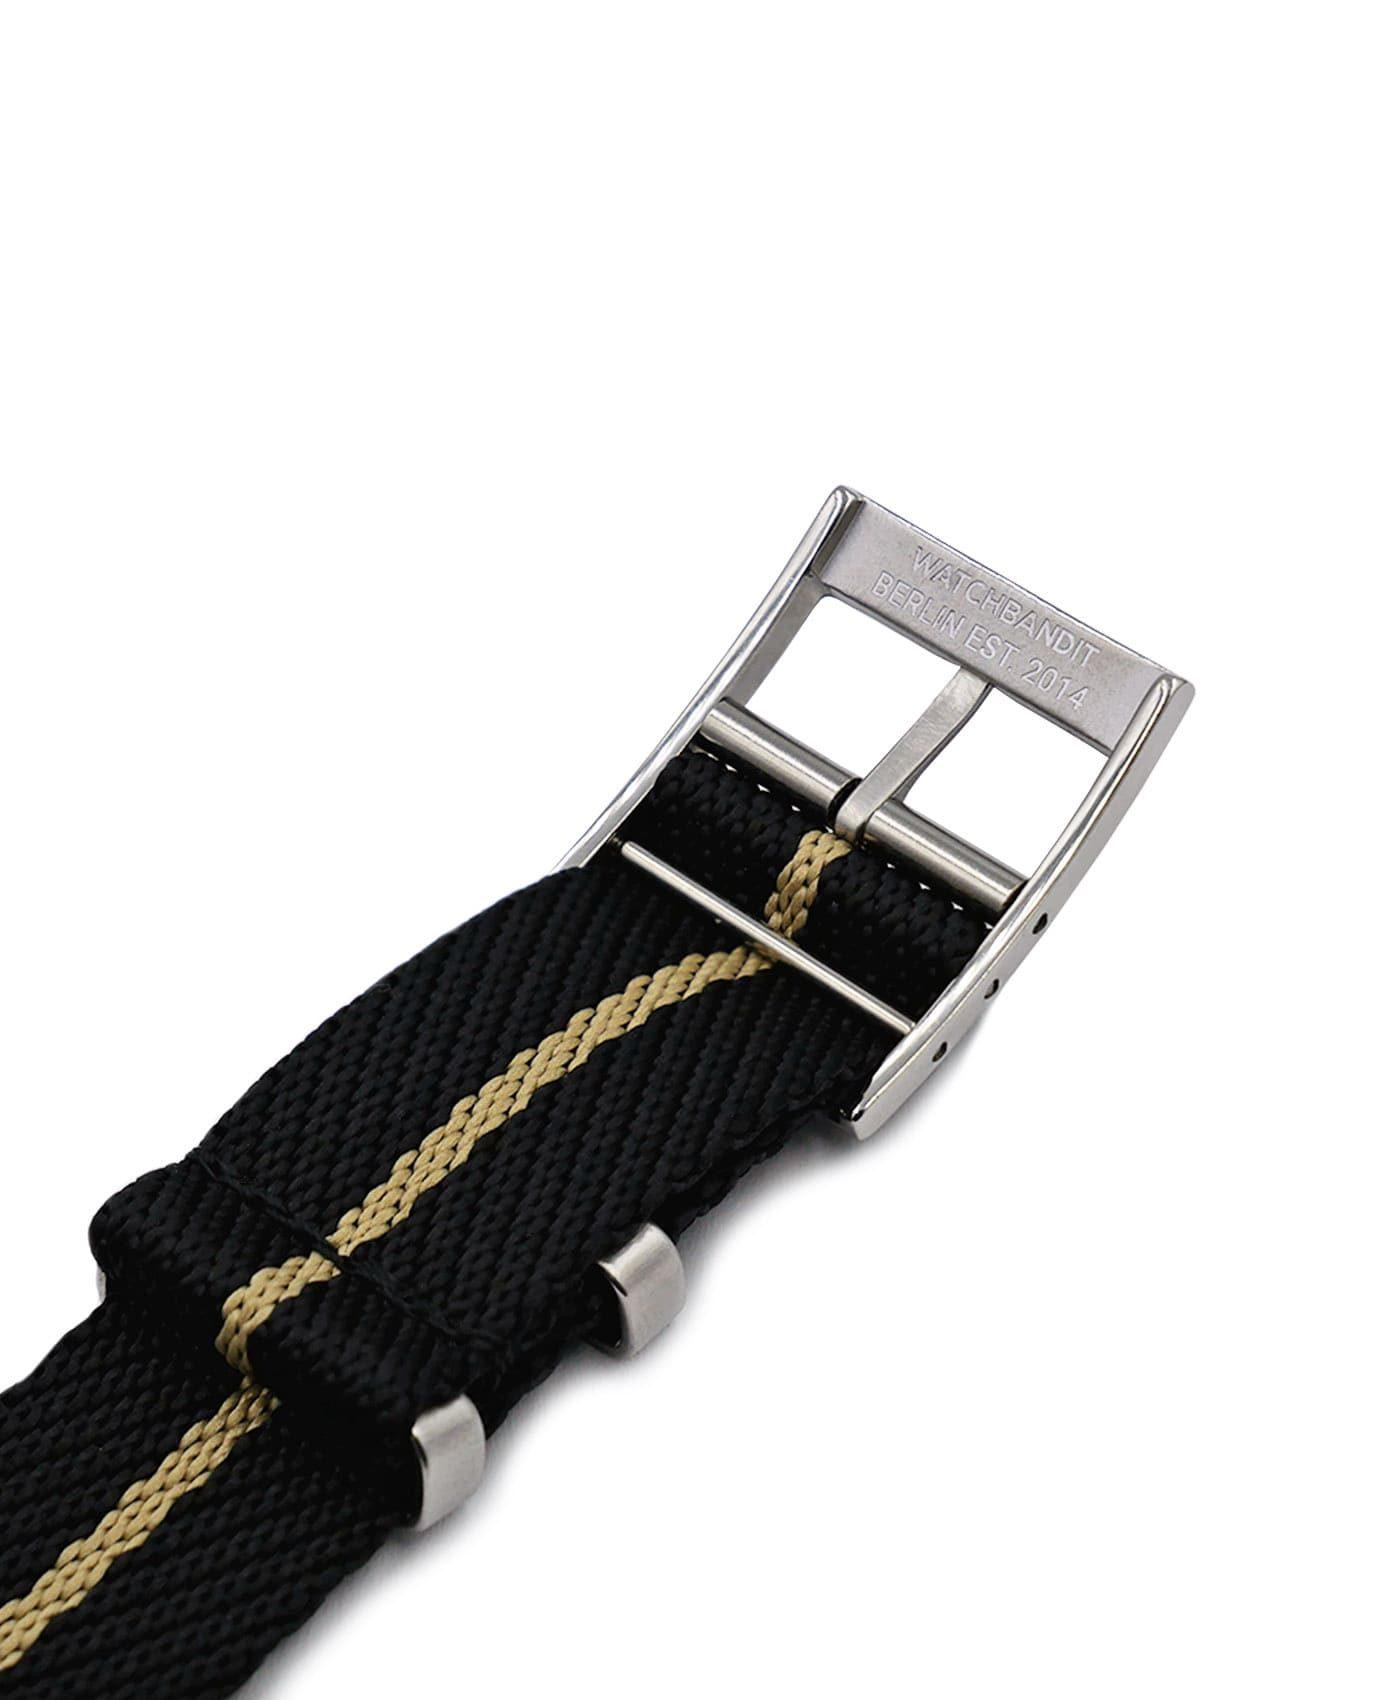 Adjustable NATO strap black beige engraved buckle